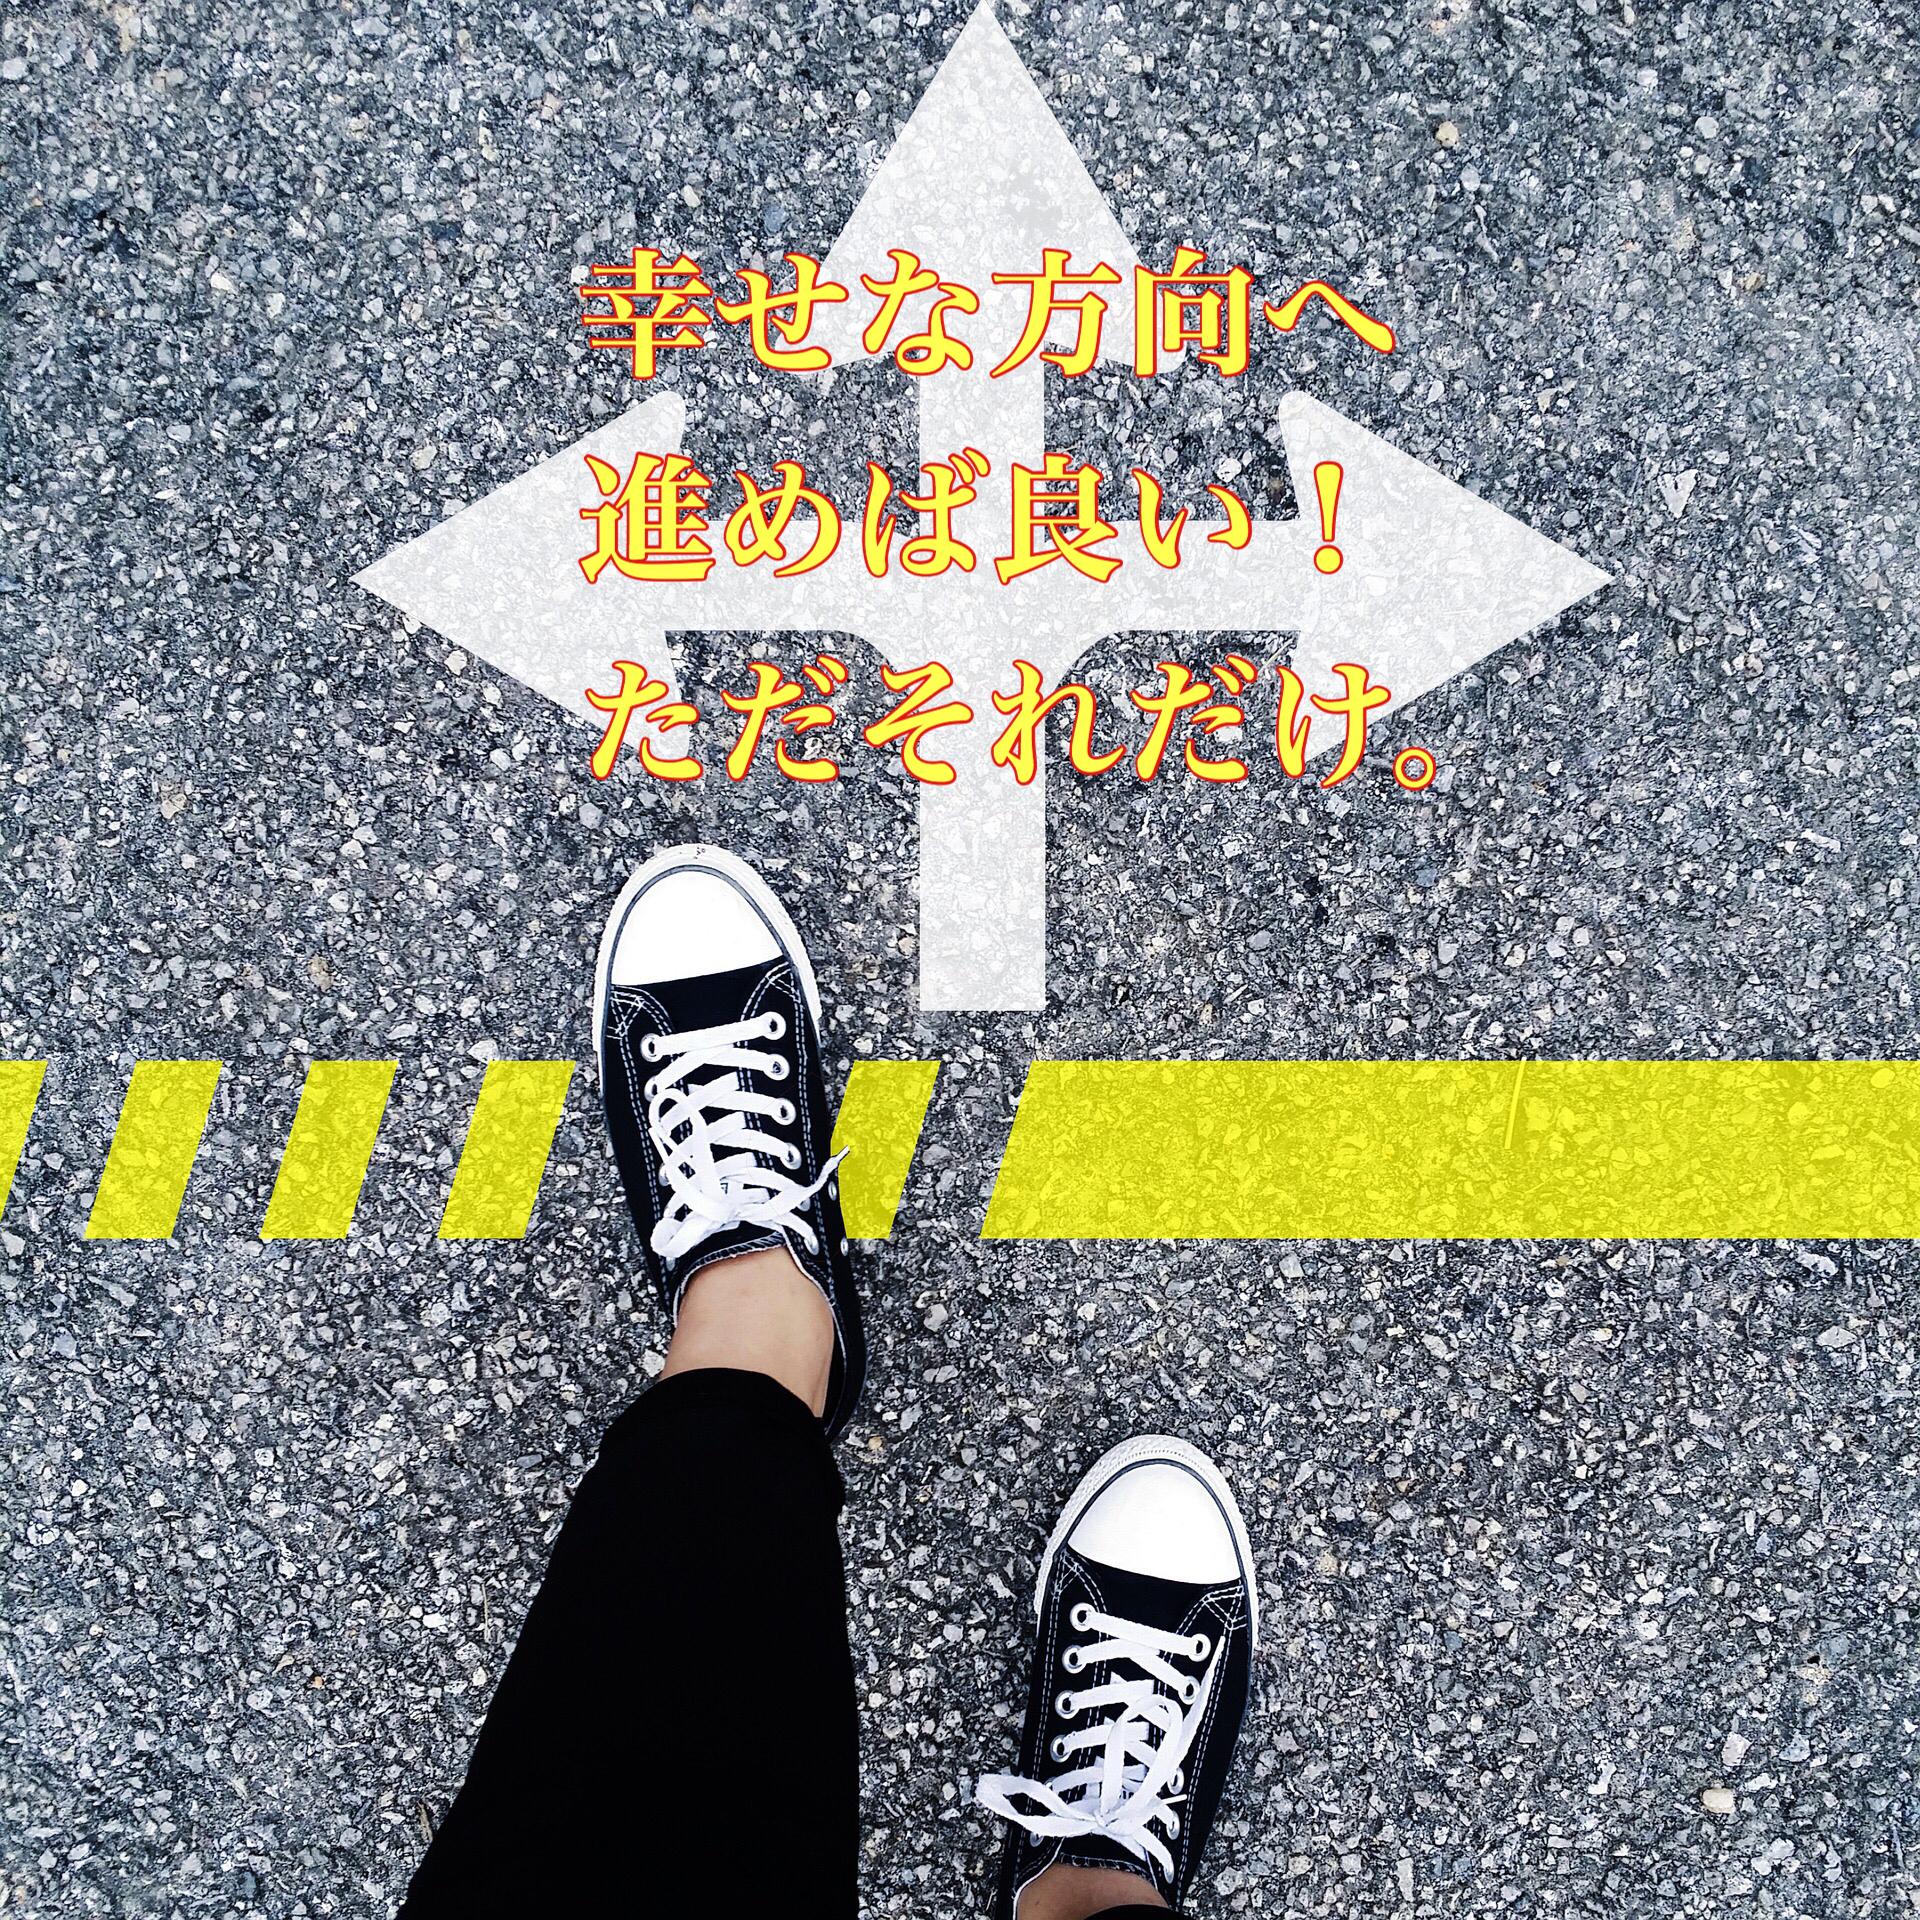 幸せになりたいなら幸せな方向へ進めば良い